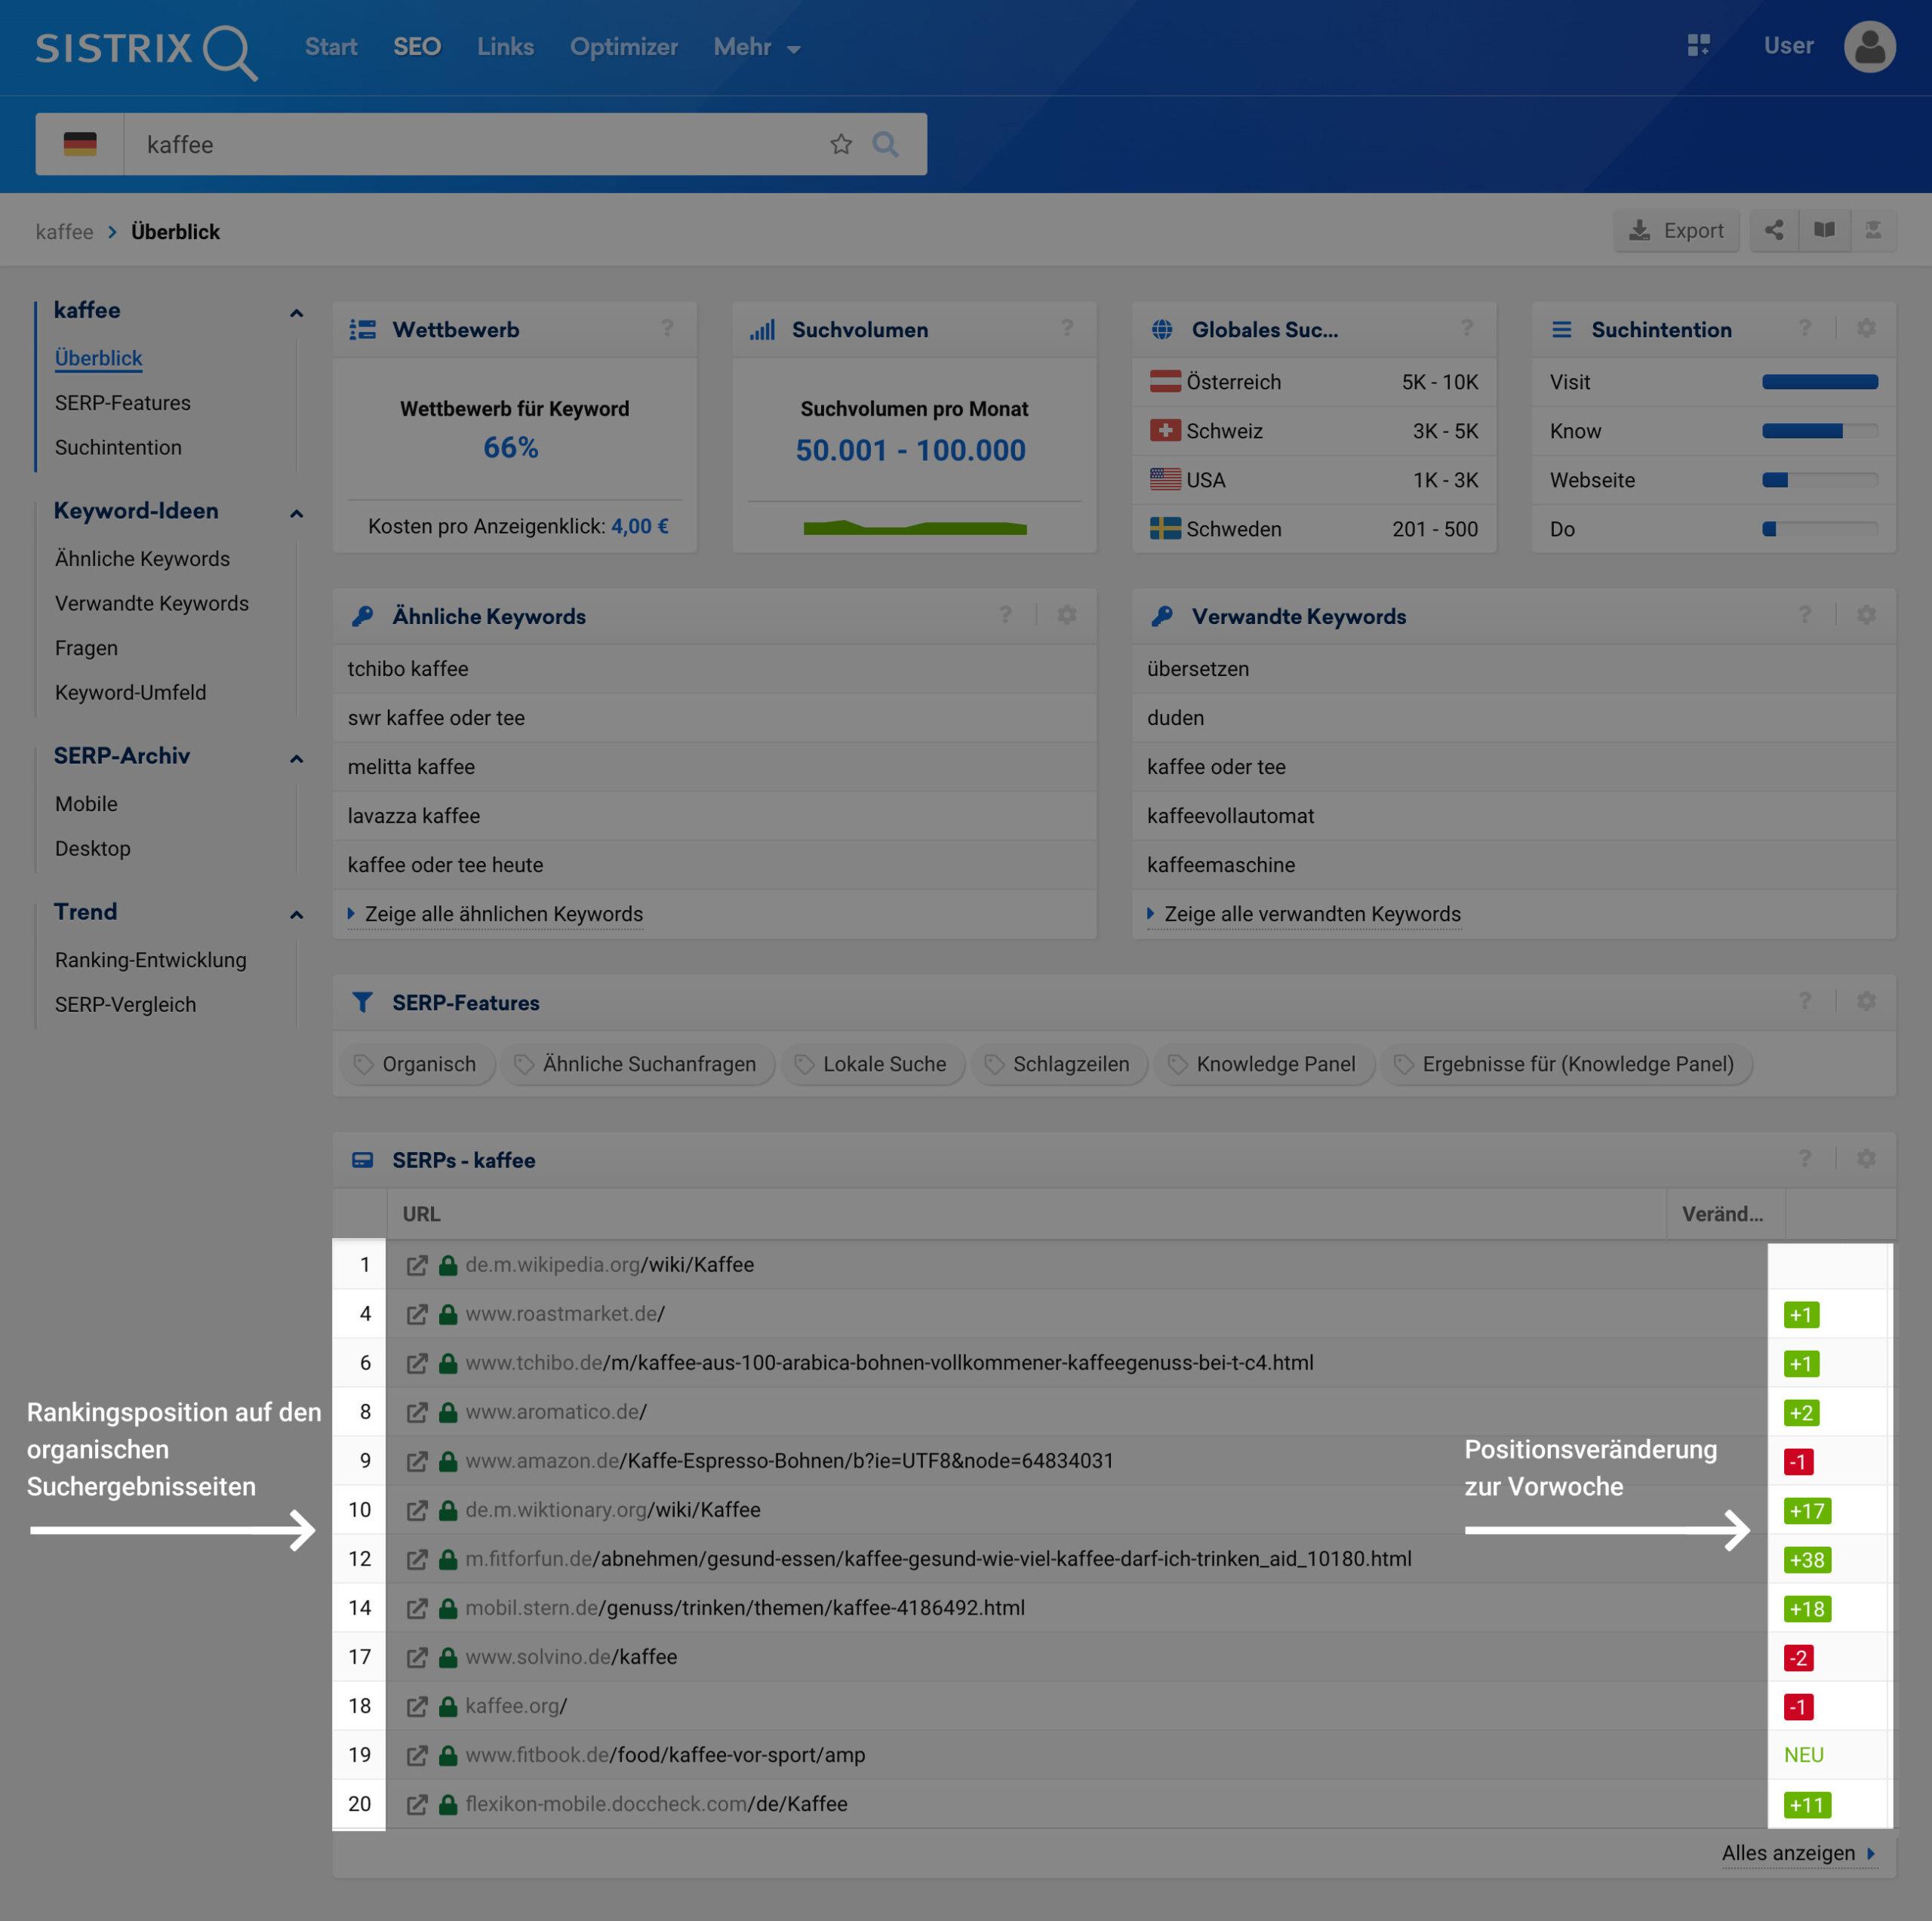 Keyword-Übersicht in der SISTRIX Toolbox mit den Top10 Suchergebnissen und der Veränderung zur Vorwoche.